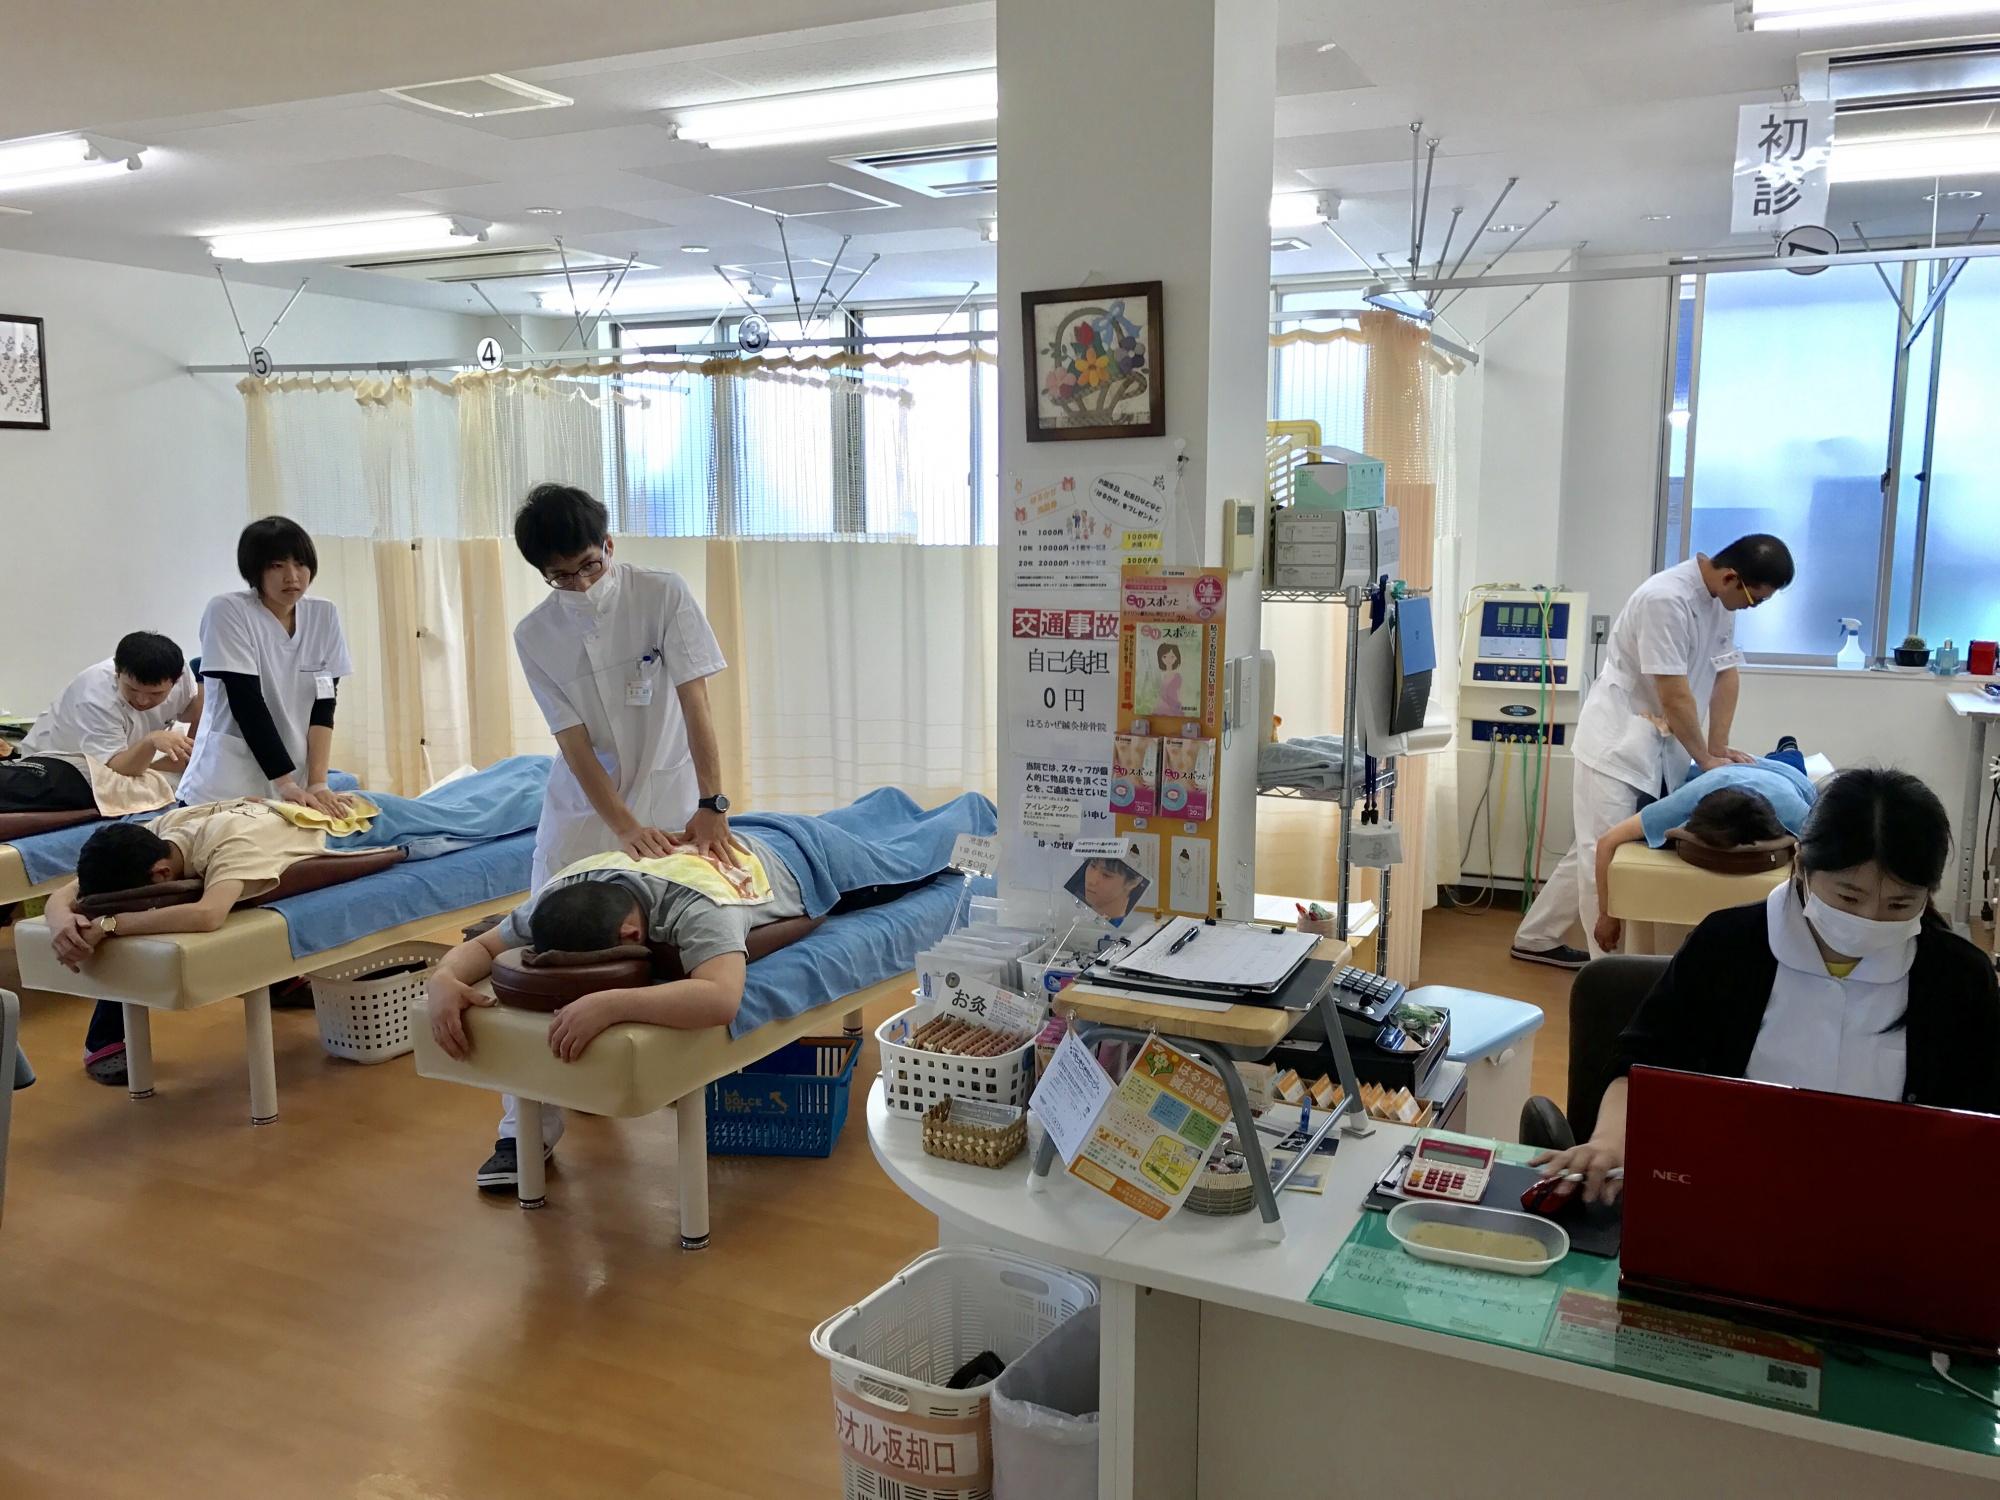 はるかぜ鍼灸接骨院院内風景